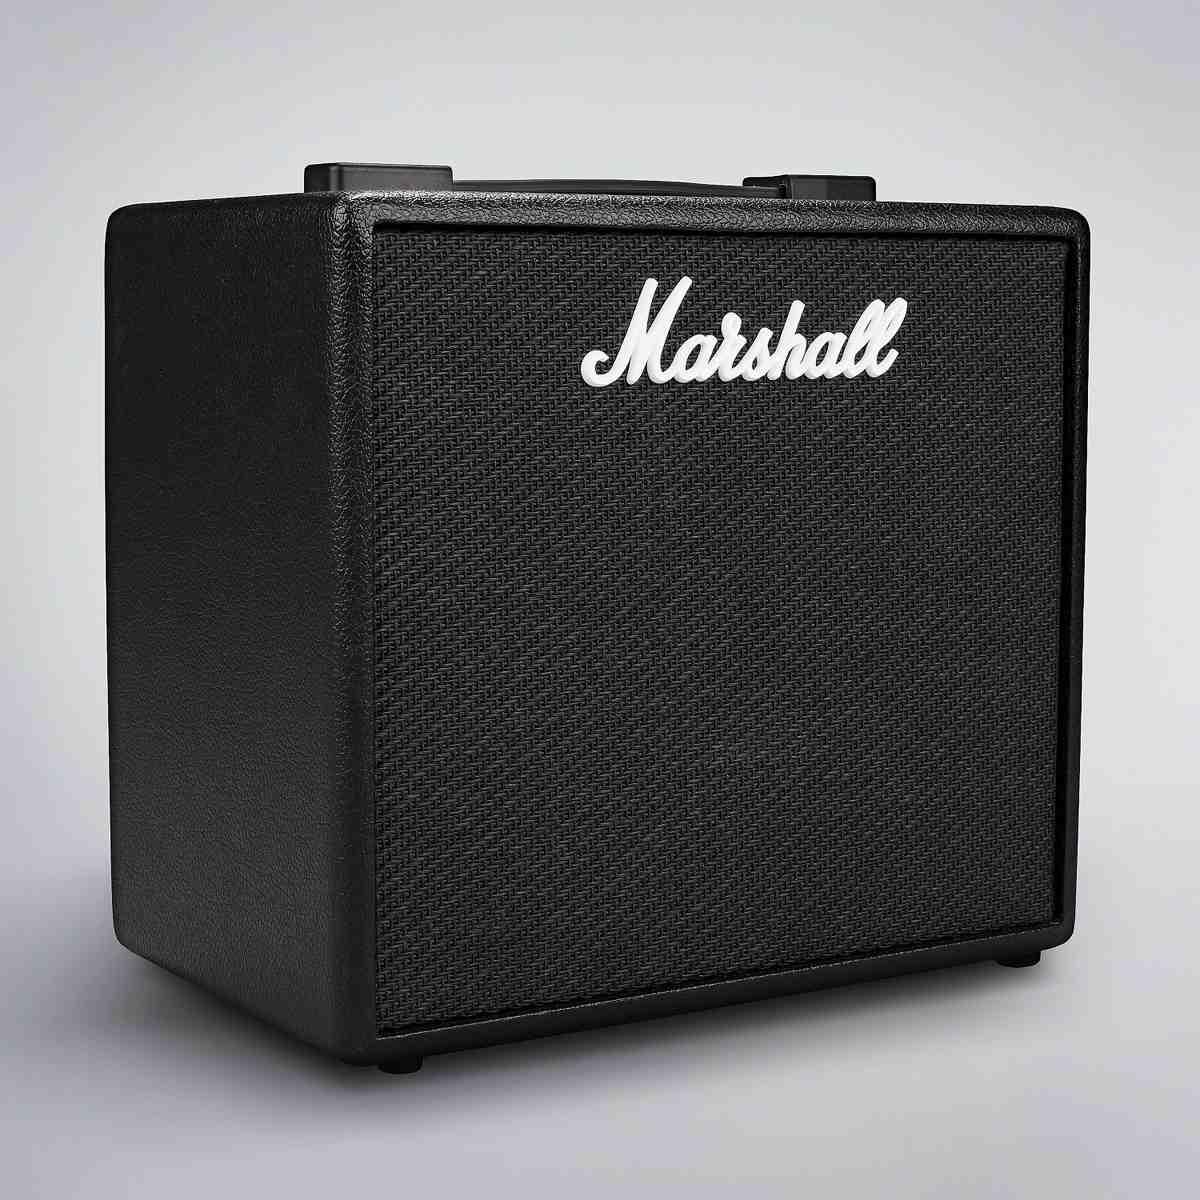 Marshall / CODE25 マーシャル コード フルモデリングアンプ 【WEBSHOP】【YRK】【お取り寄せ商品】